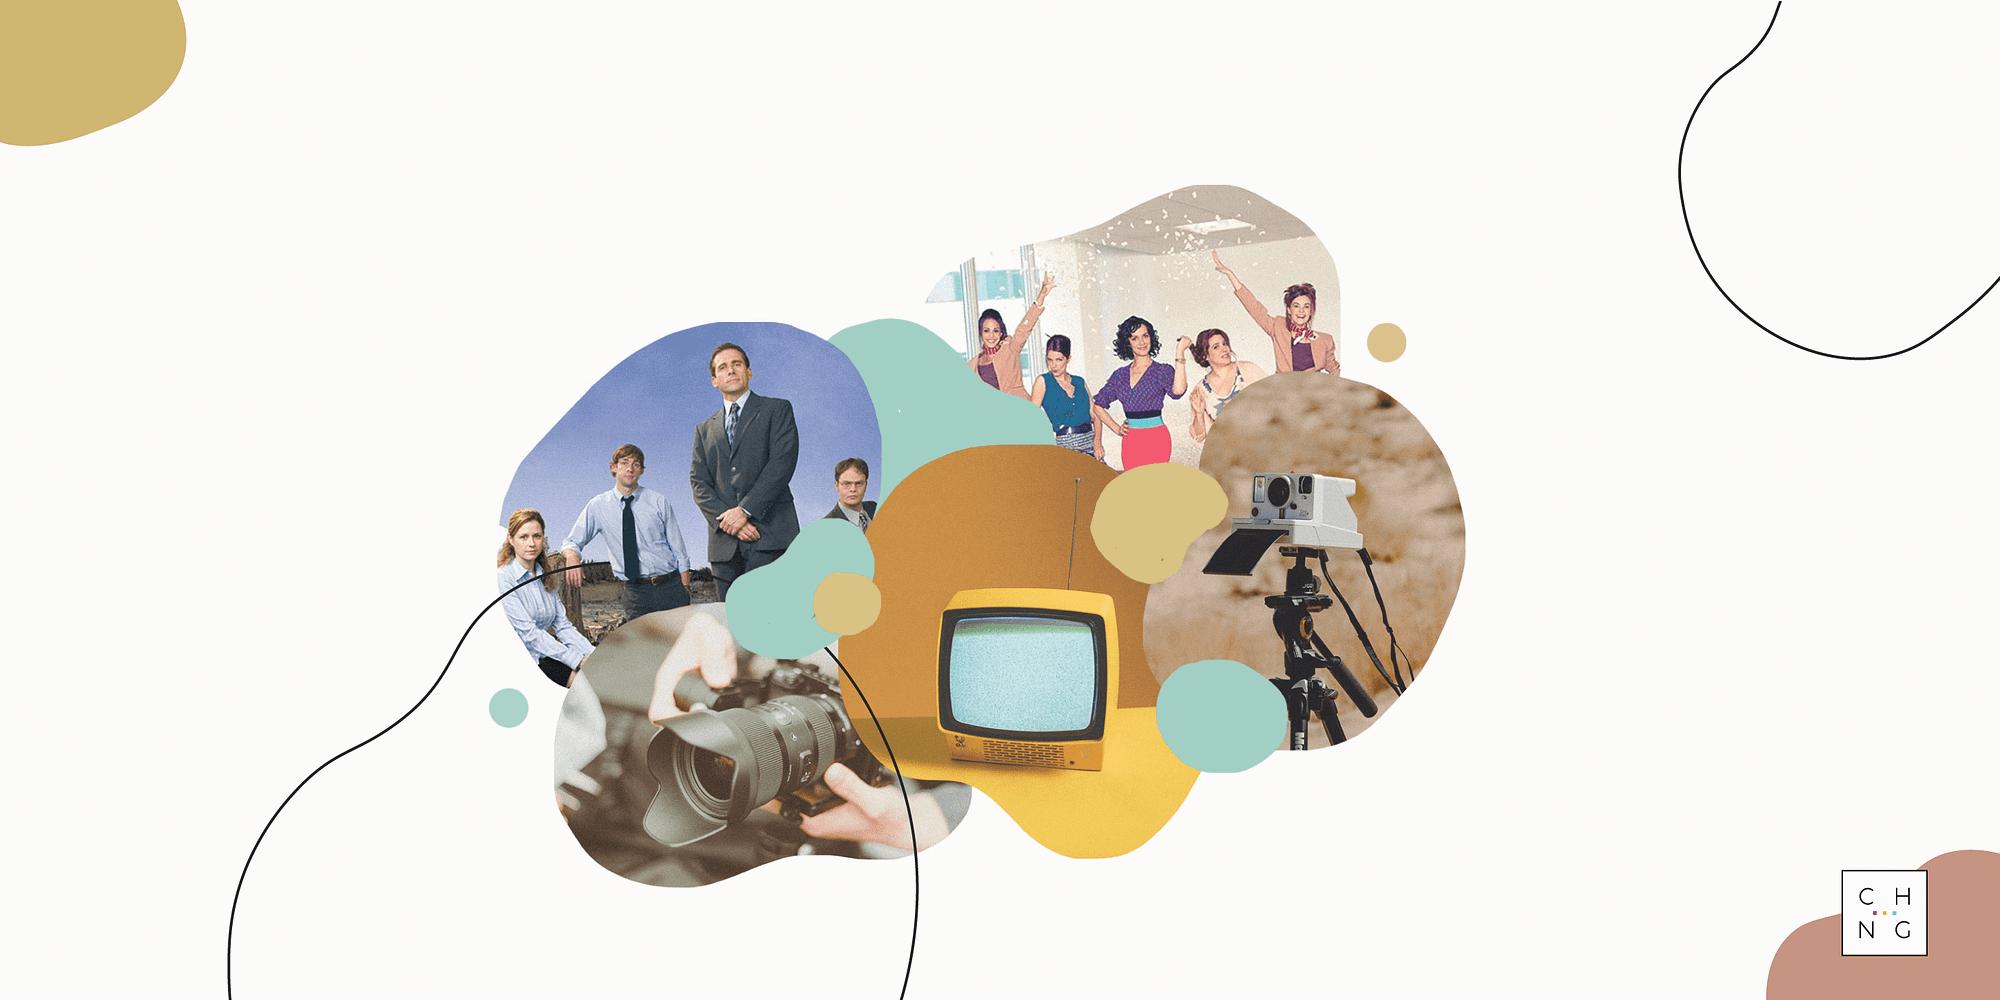 Collage bureau serie télé